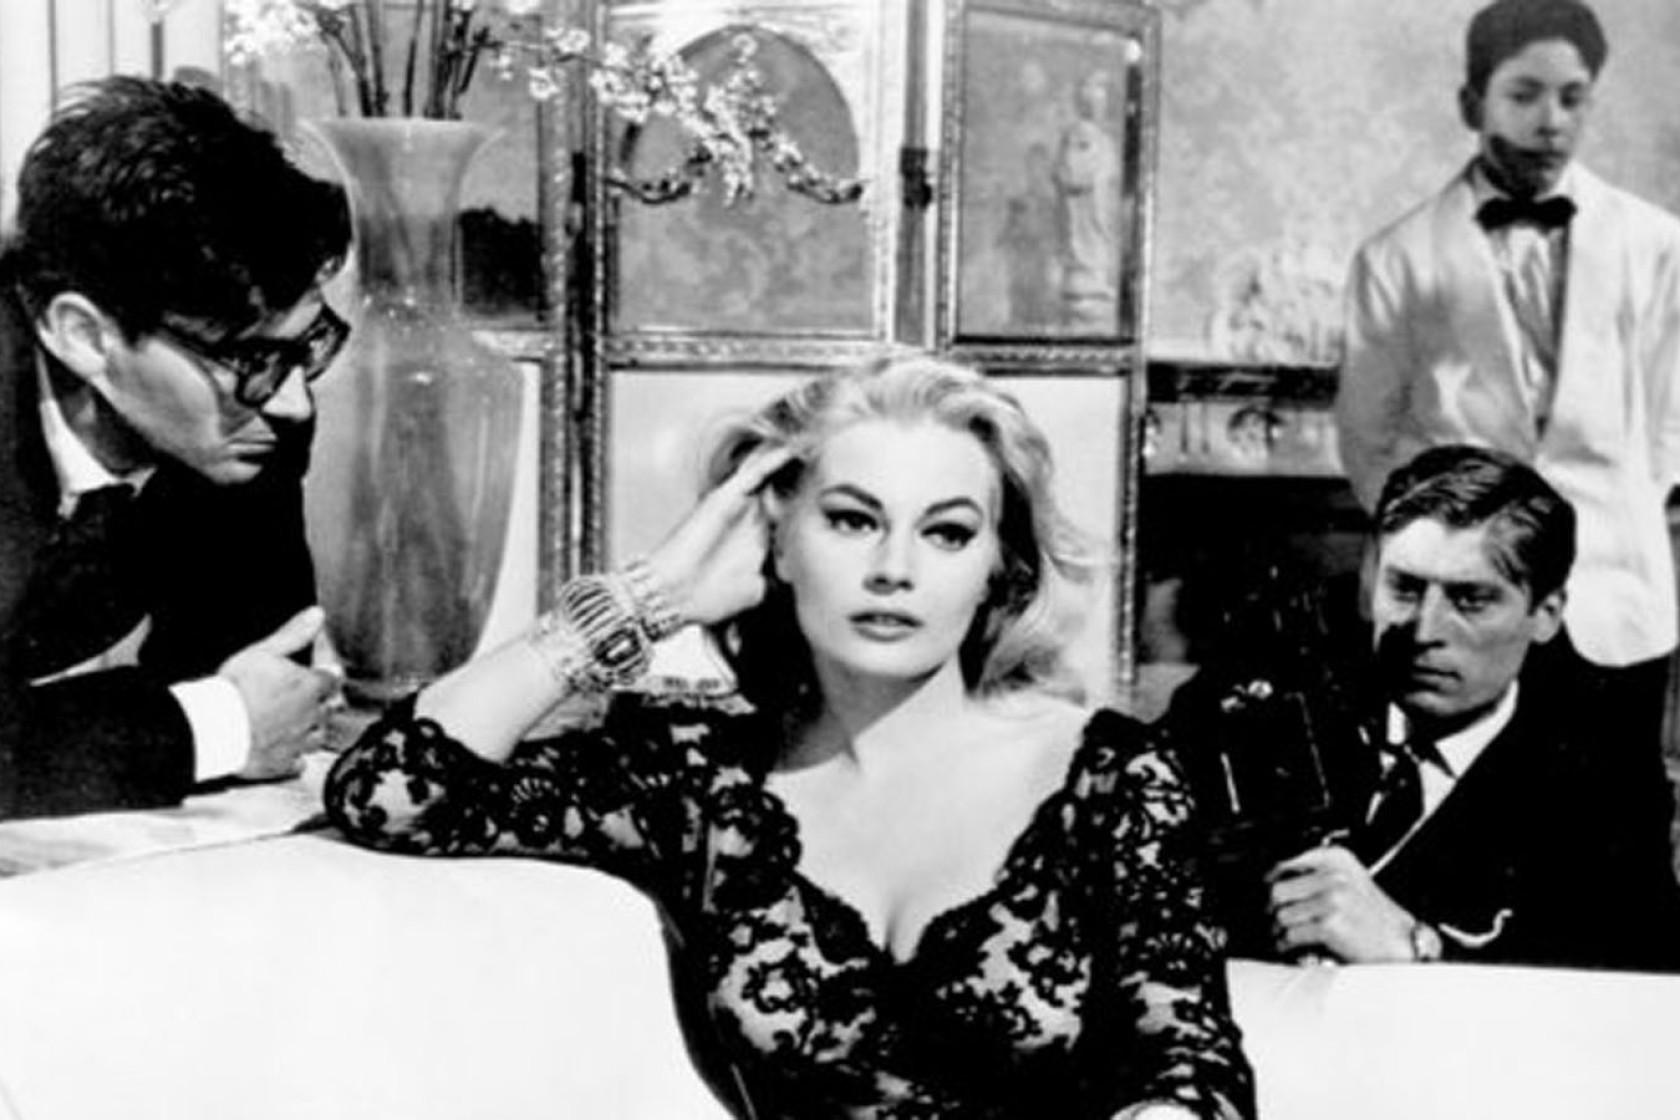 Anita Ekberg en una escena con papparazzi en La Dolce Vita